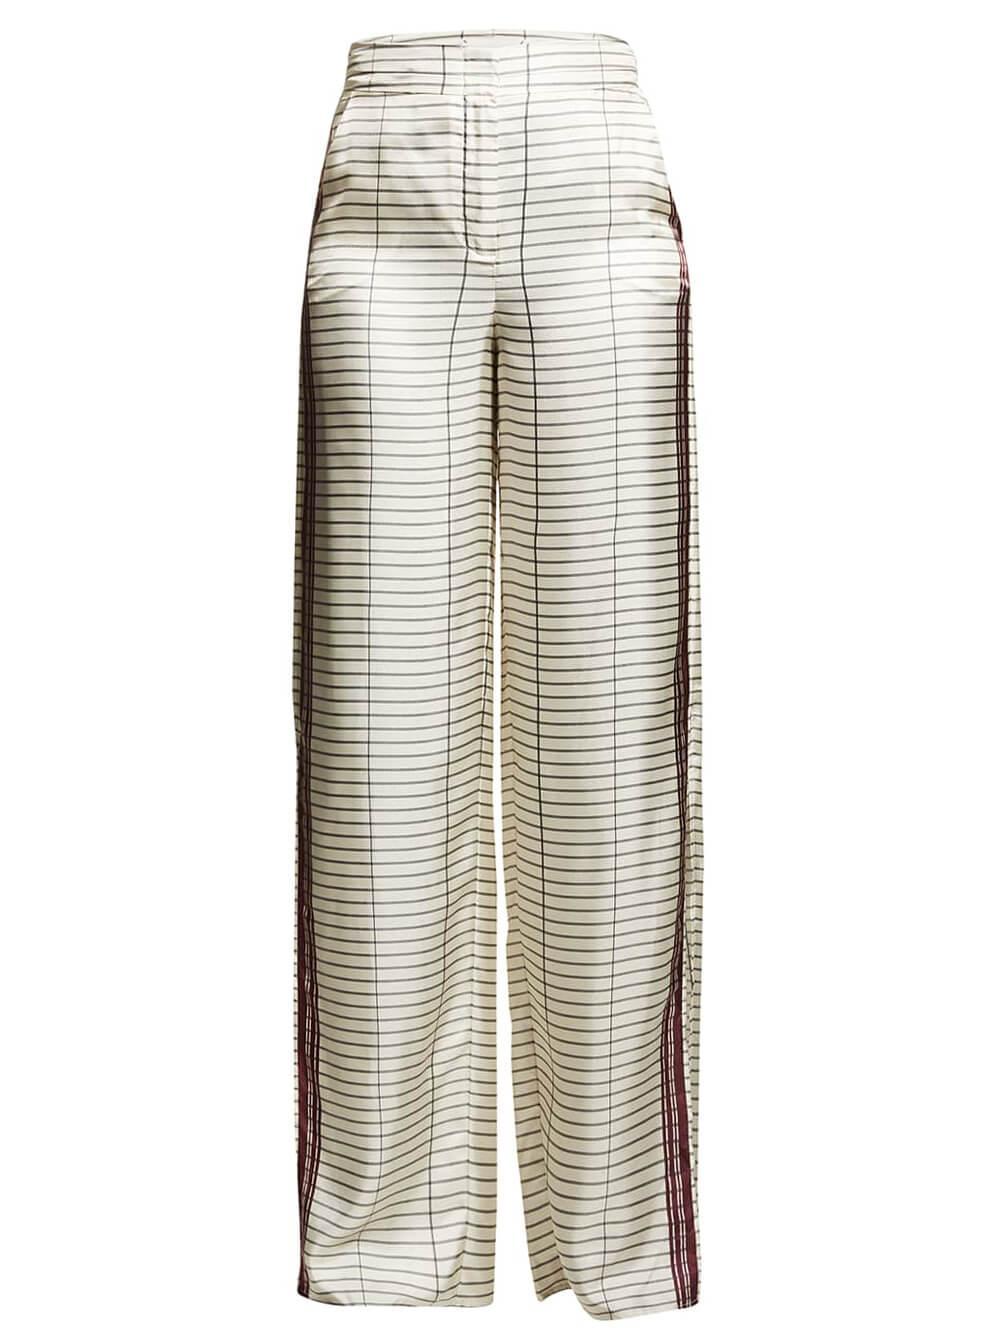 Wide Leg Grid Print Pant Item # HA21P208-29